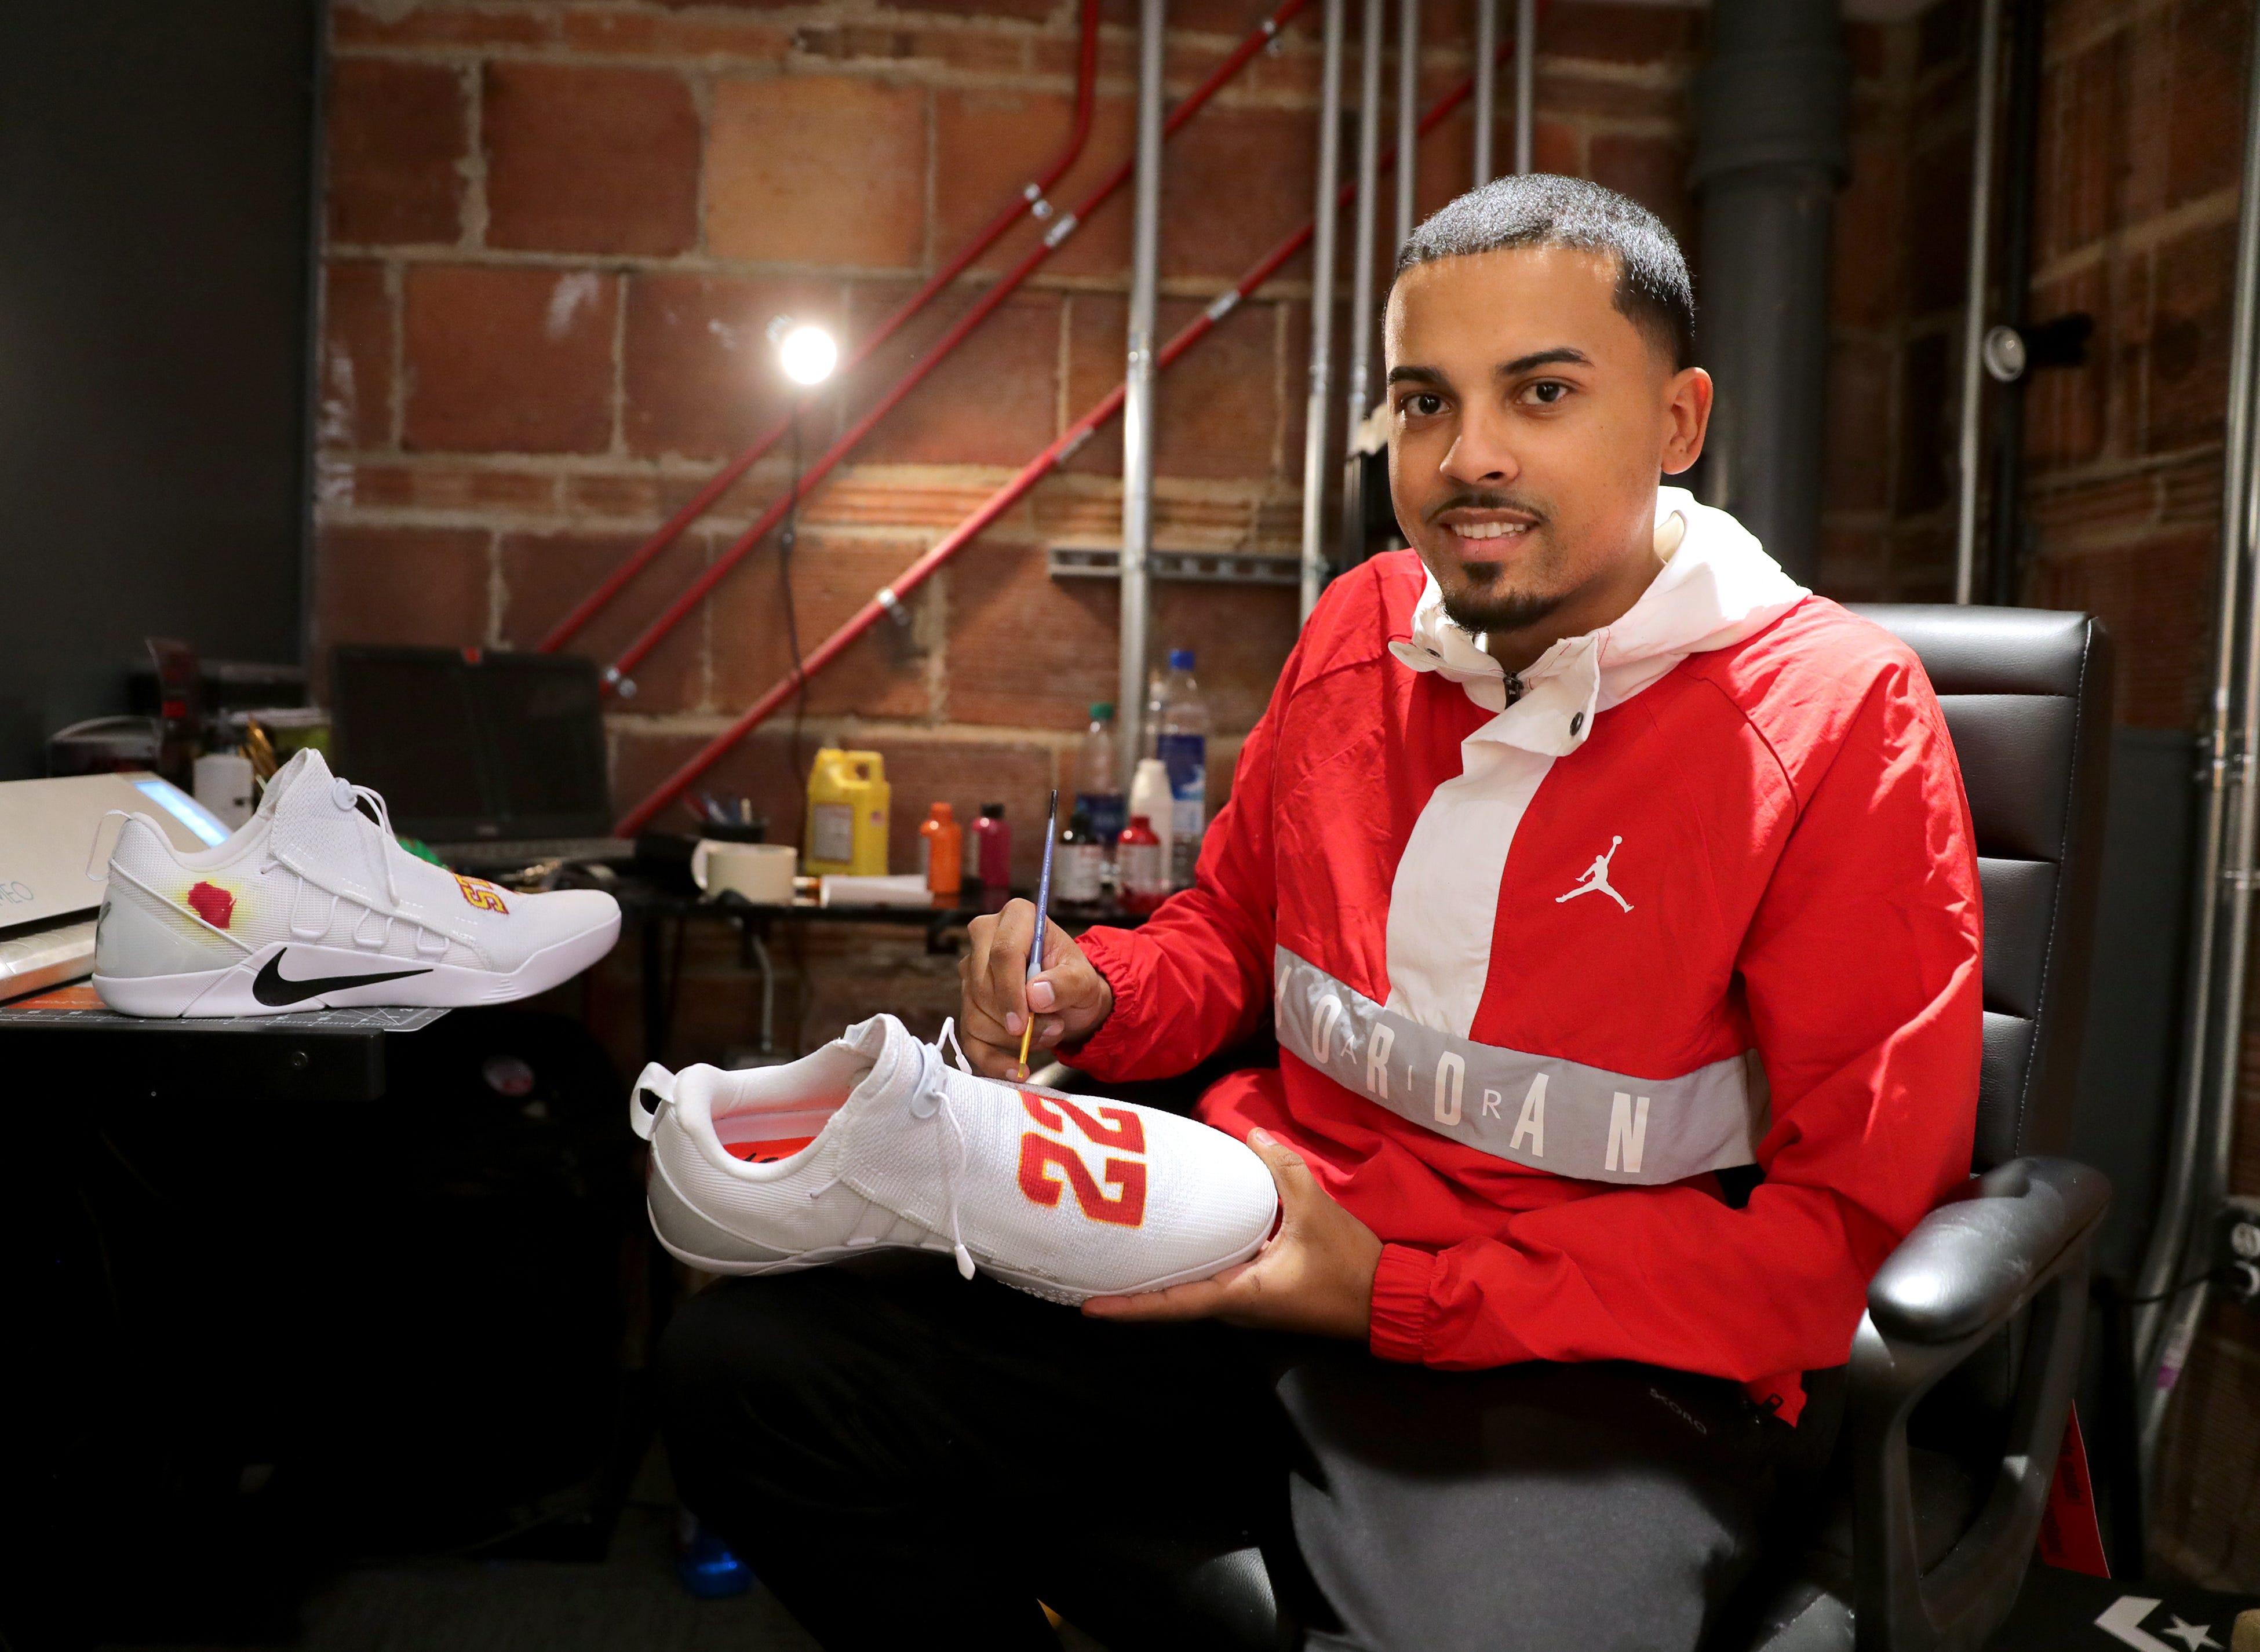 Milwaukee artist paints custom sneakers